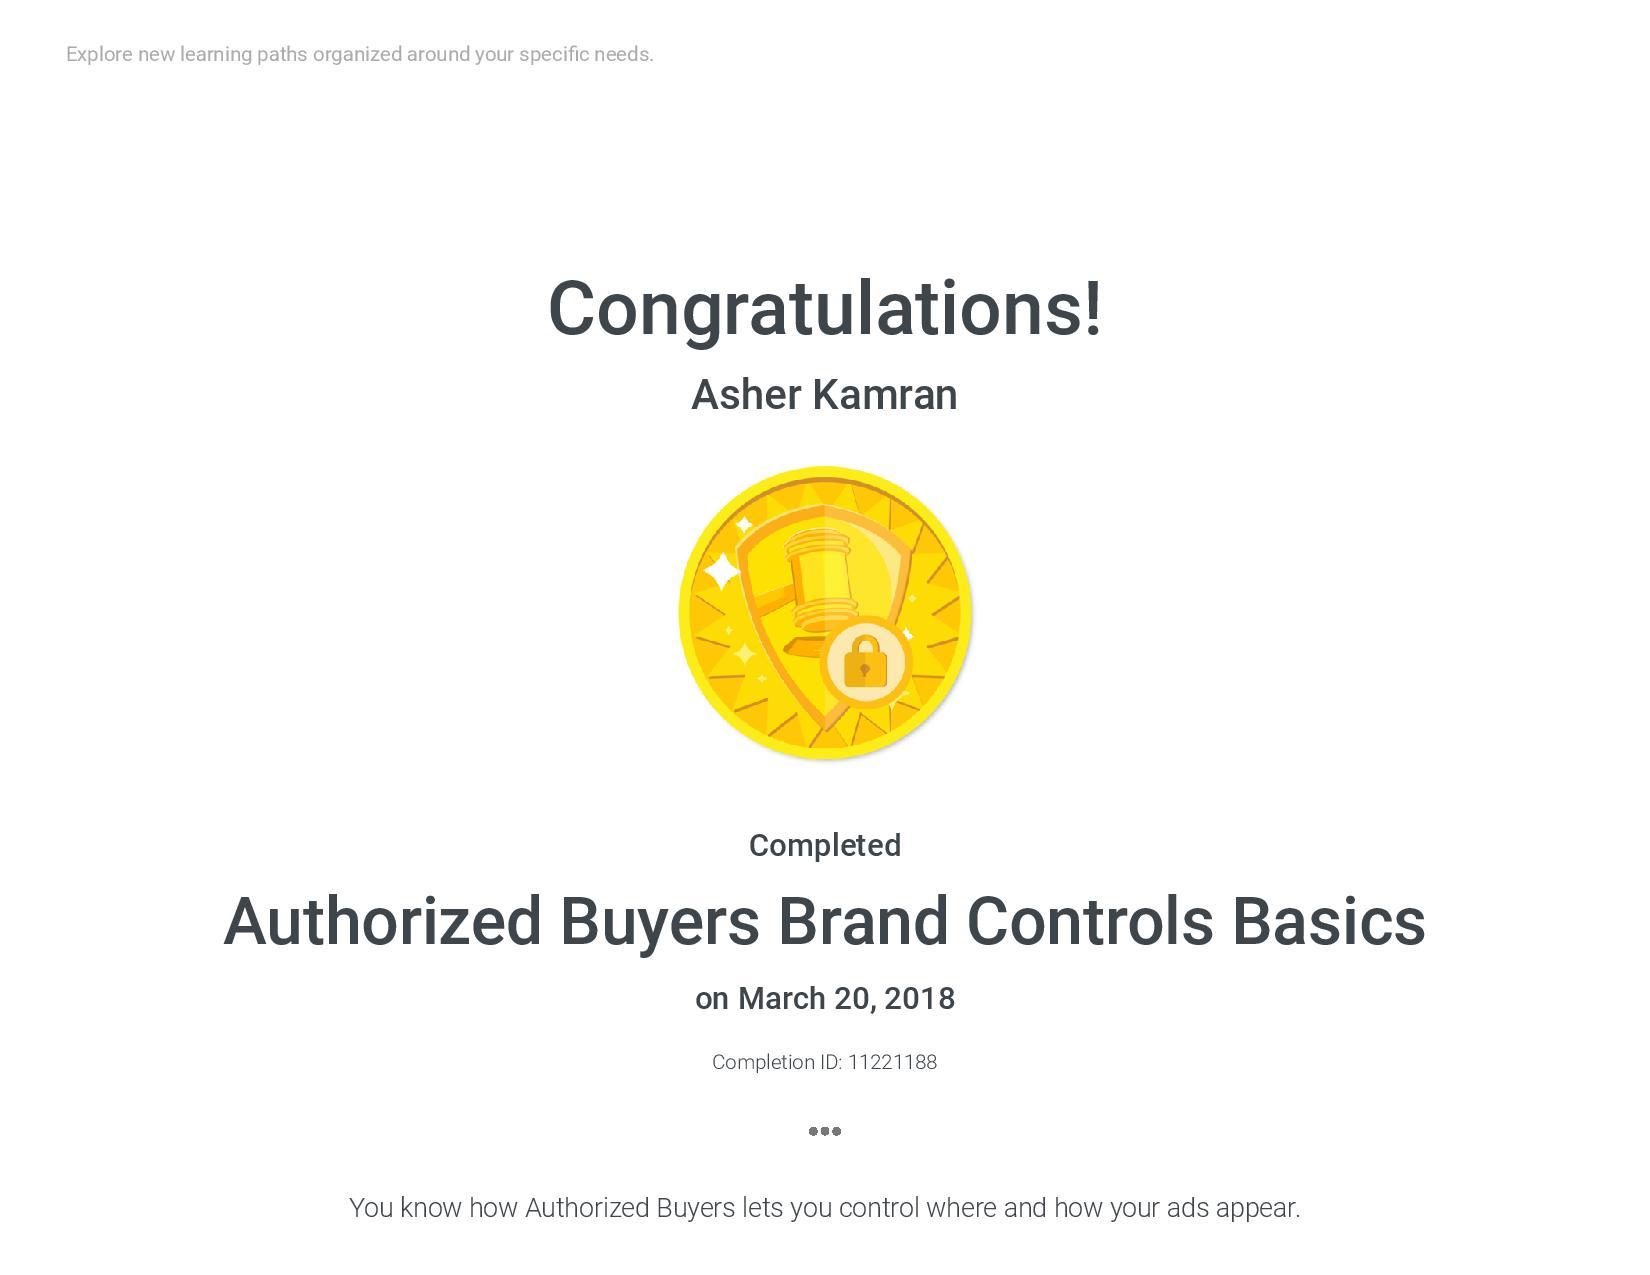 Authorized Buyers Brand Controls Basics